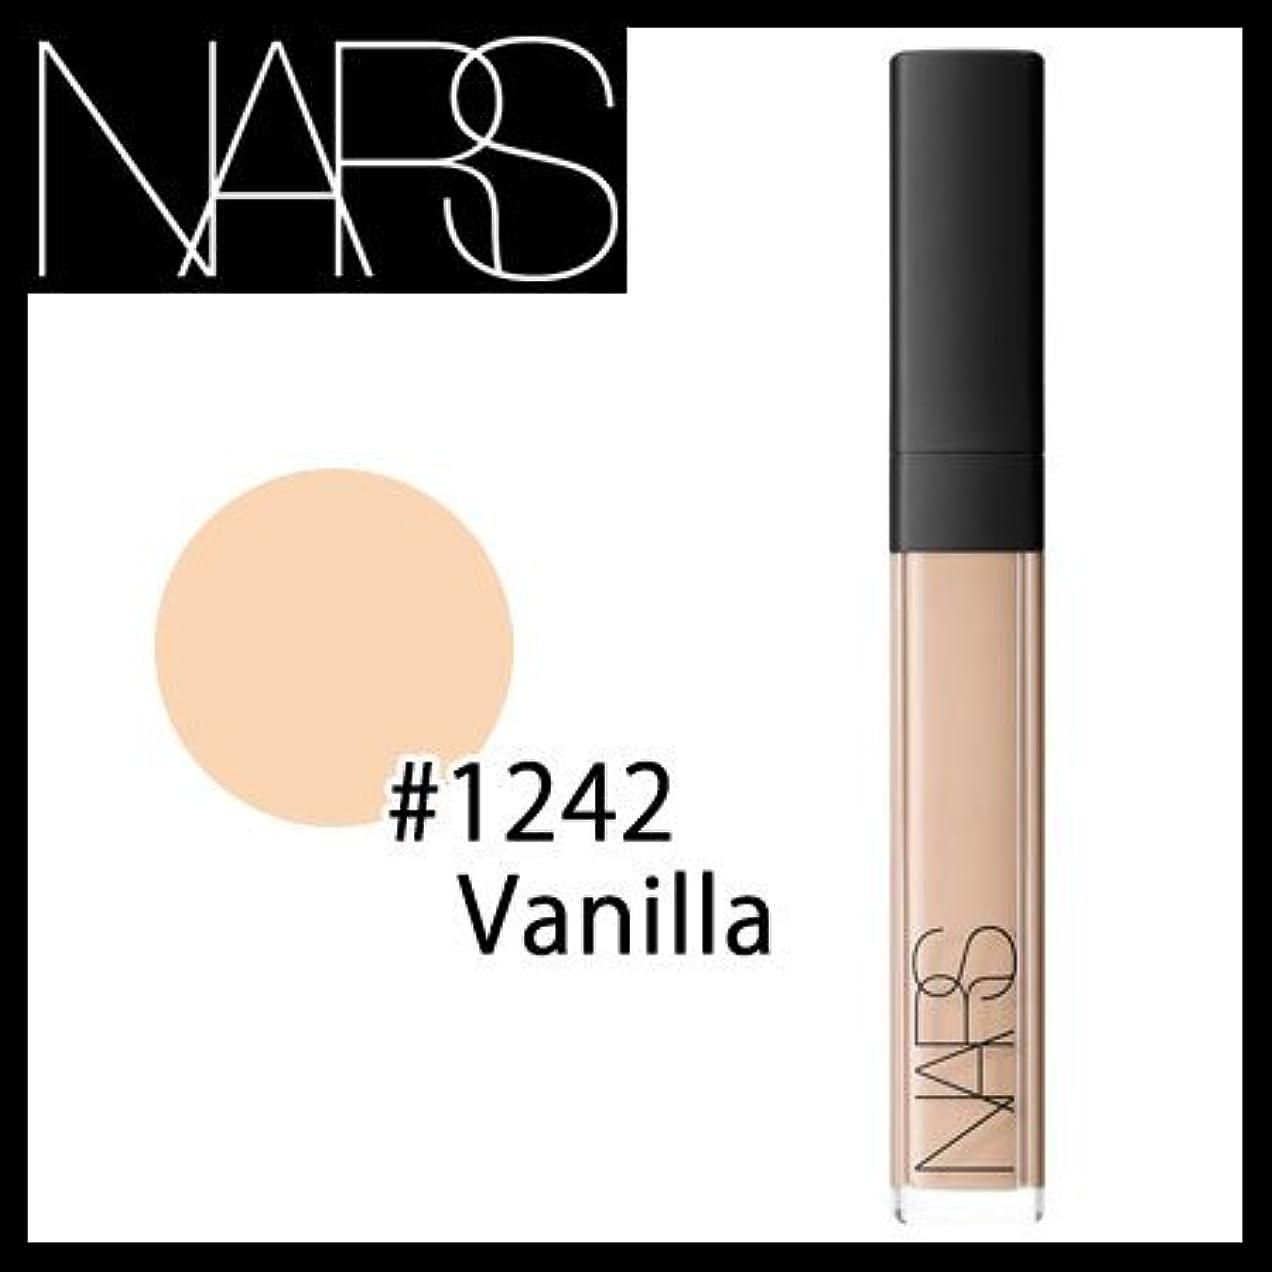 ペンフレンド花瓶フォアマンナーズ(NARS) ラディアント クリーミー コンシーラー #1242 Vanilla[並行輸入品]